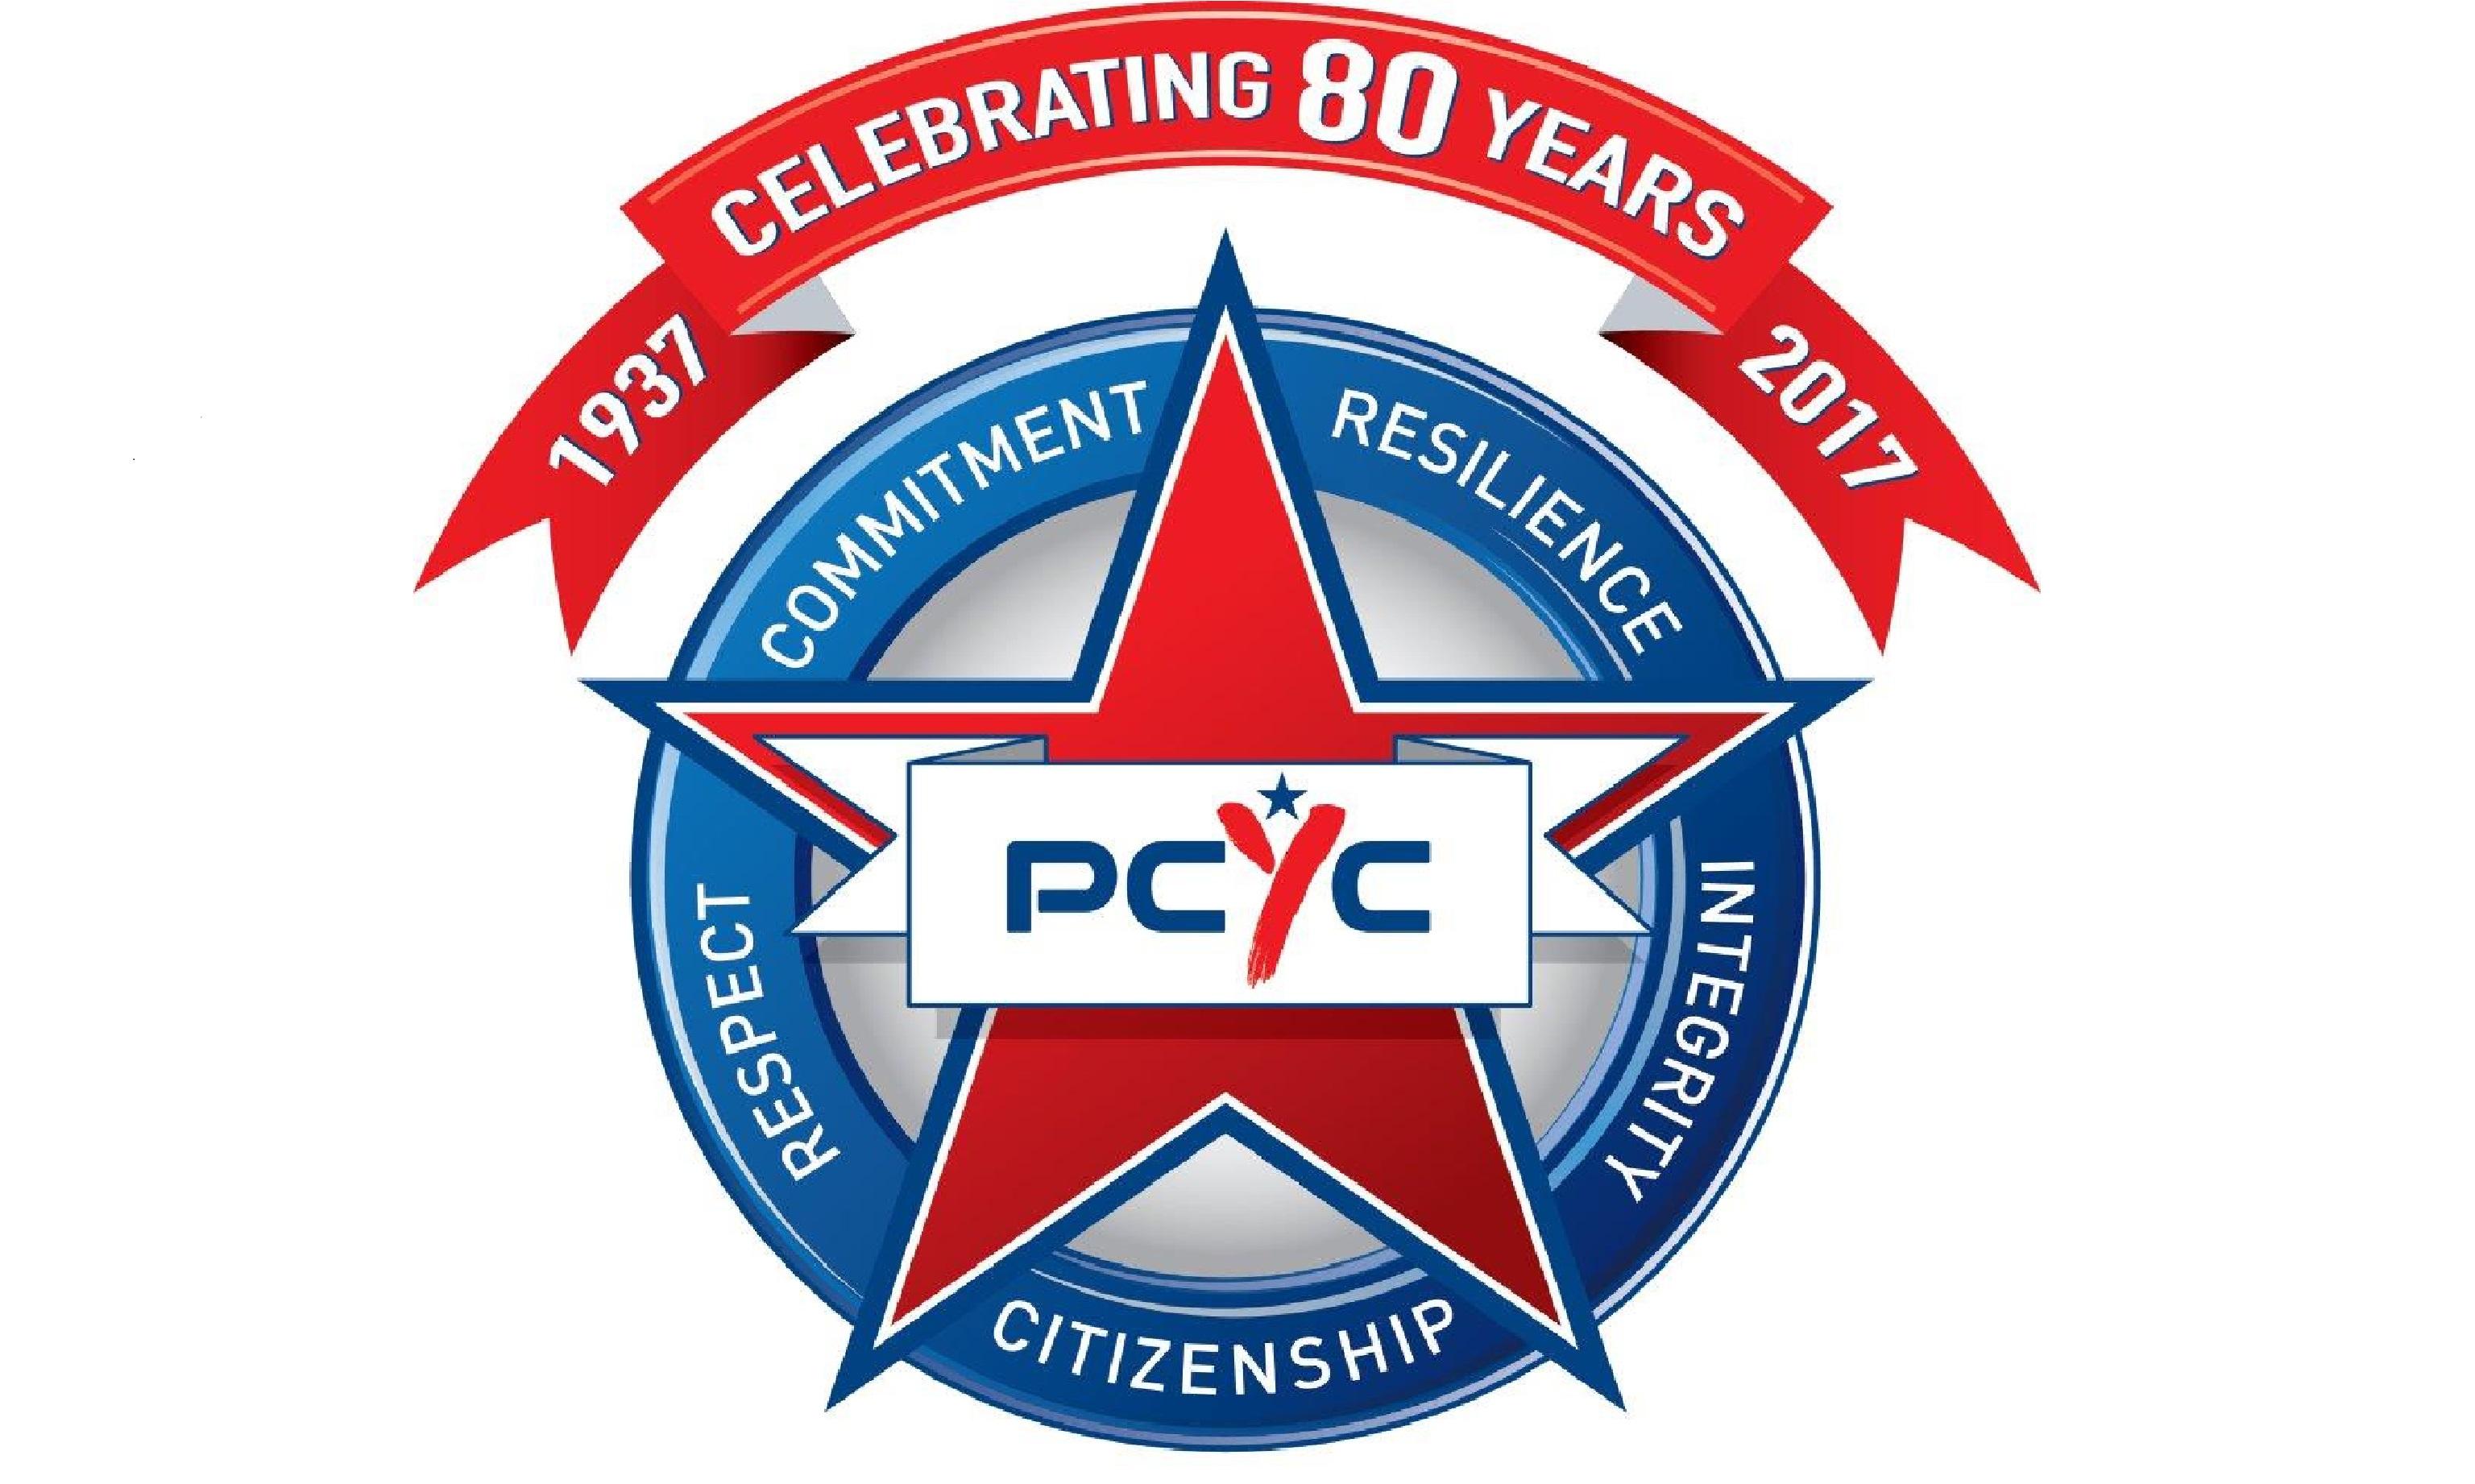 PCYC celebrates 80 years